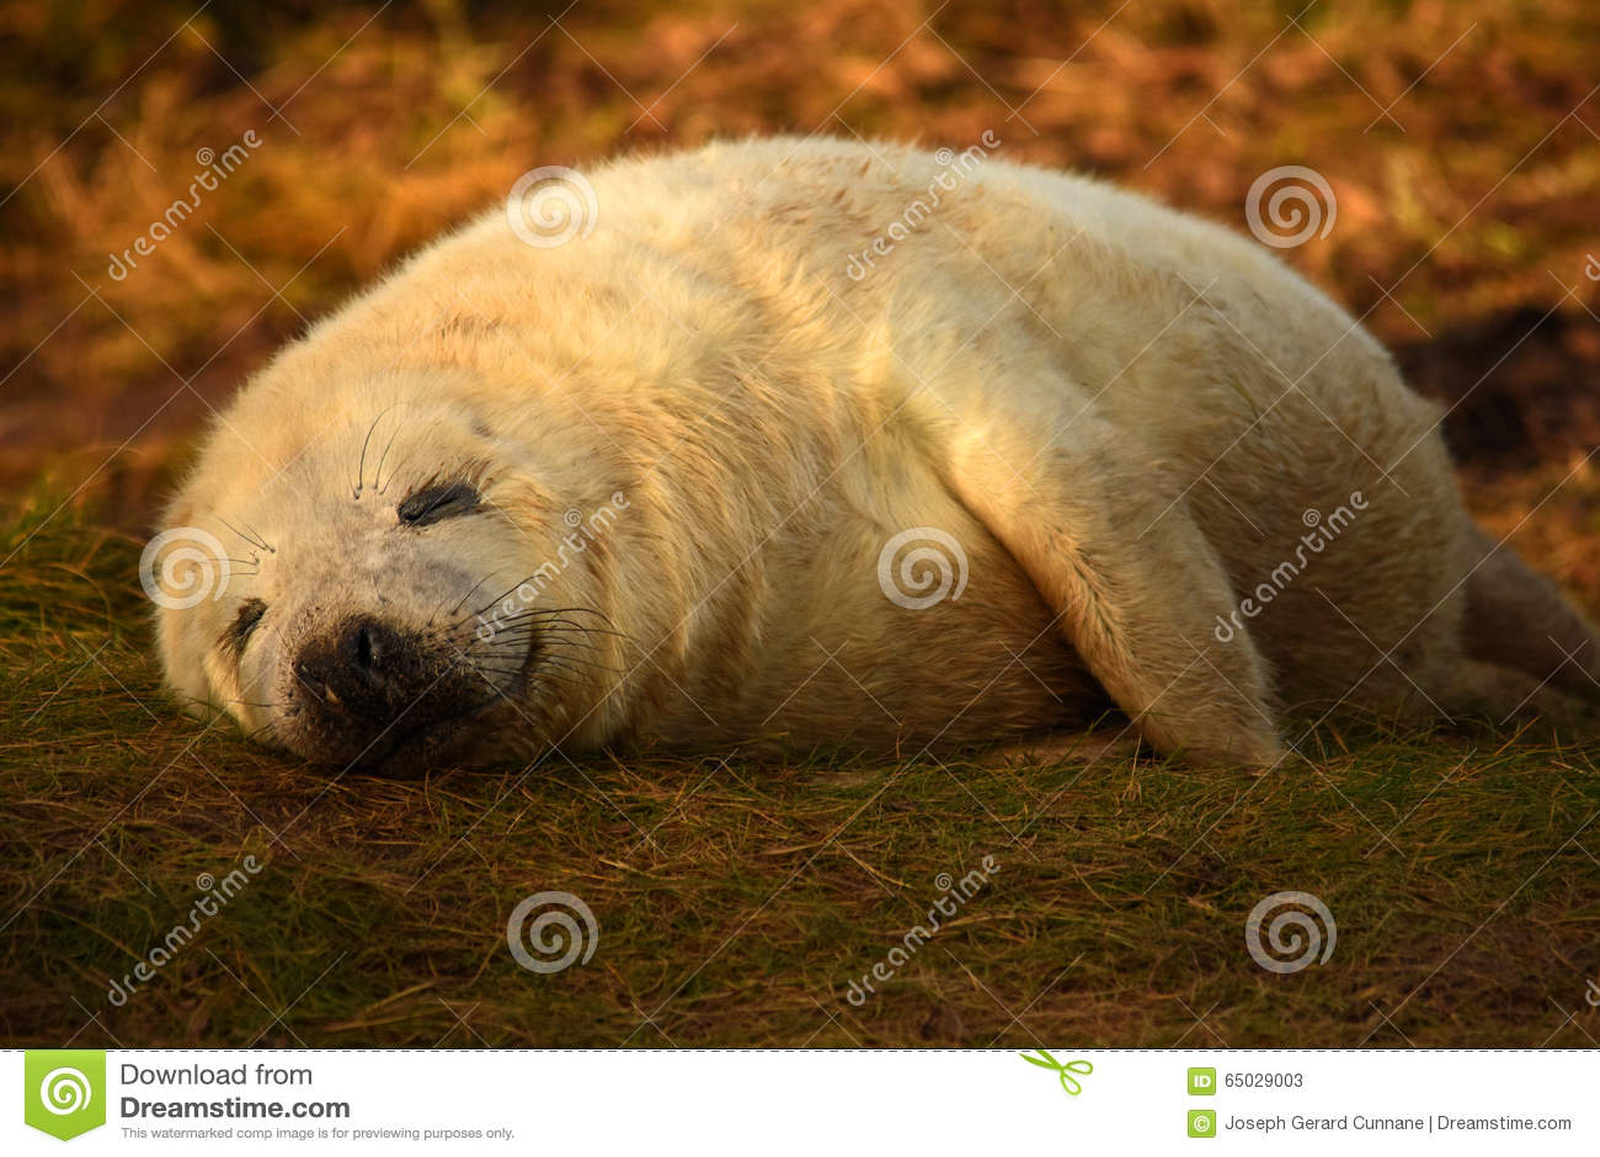 Cría de foca gris el dormir con sonrisa en cara